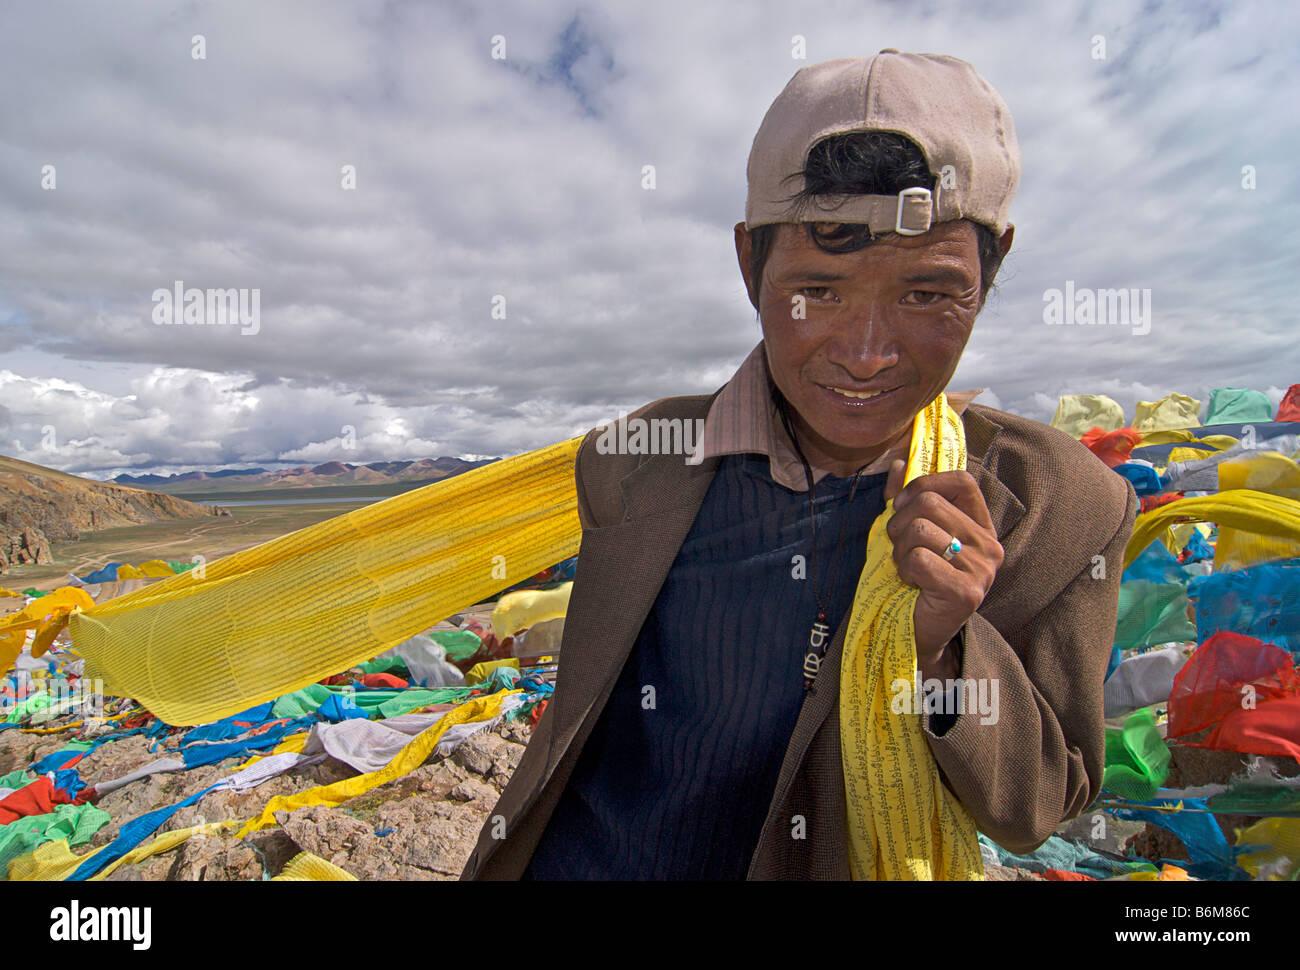 Tibetan man collecting loose prayerflags, Nam Tso Lake, Tibet - Stock Image